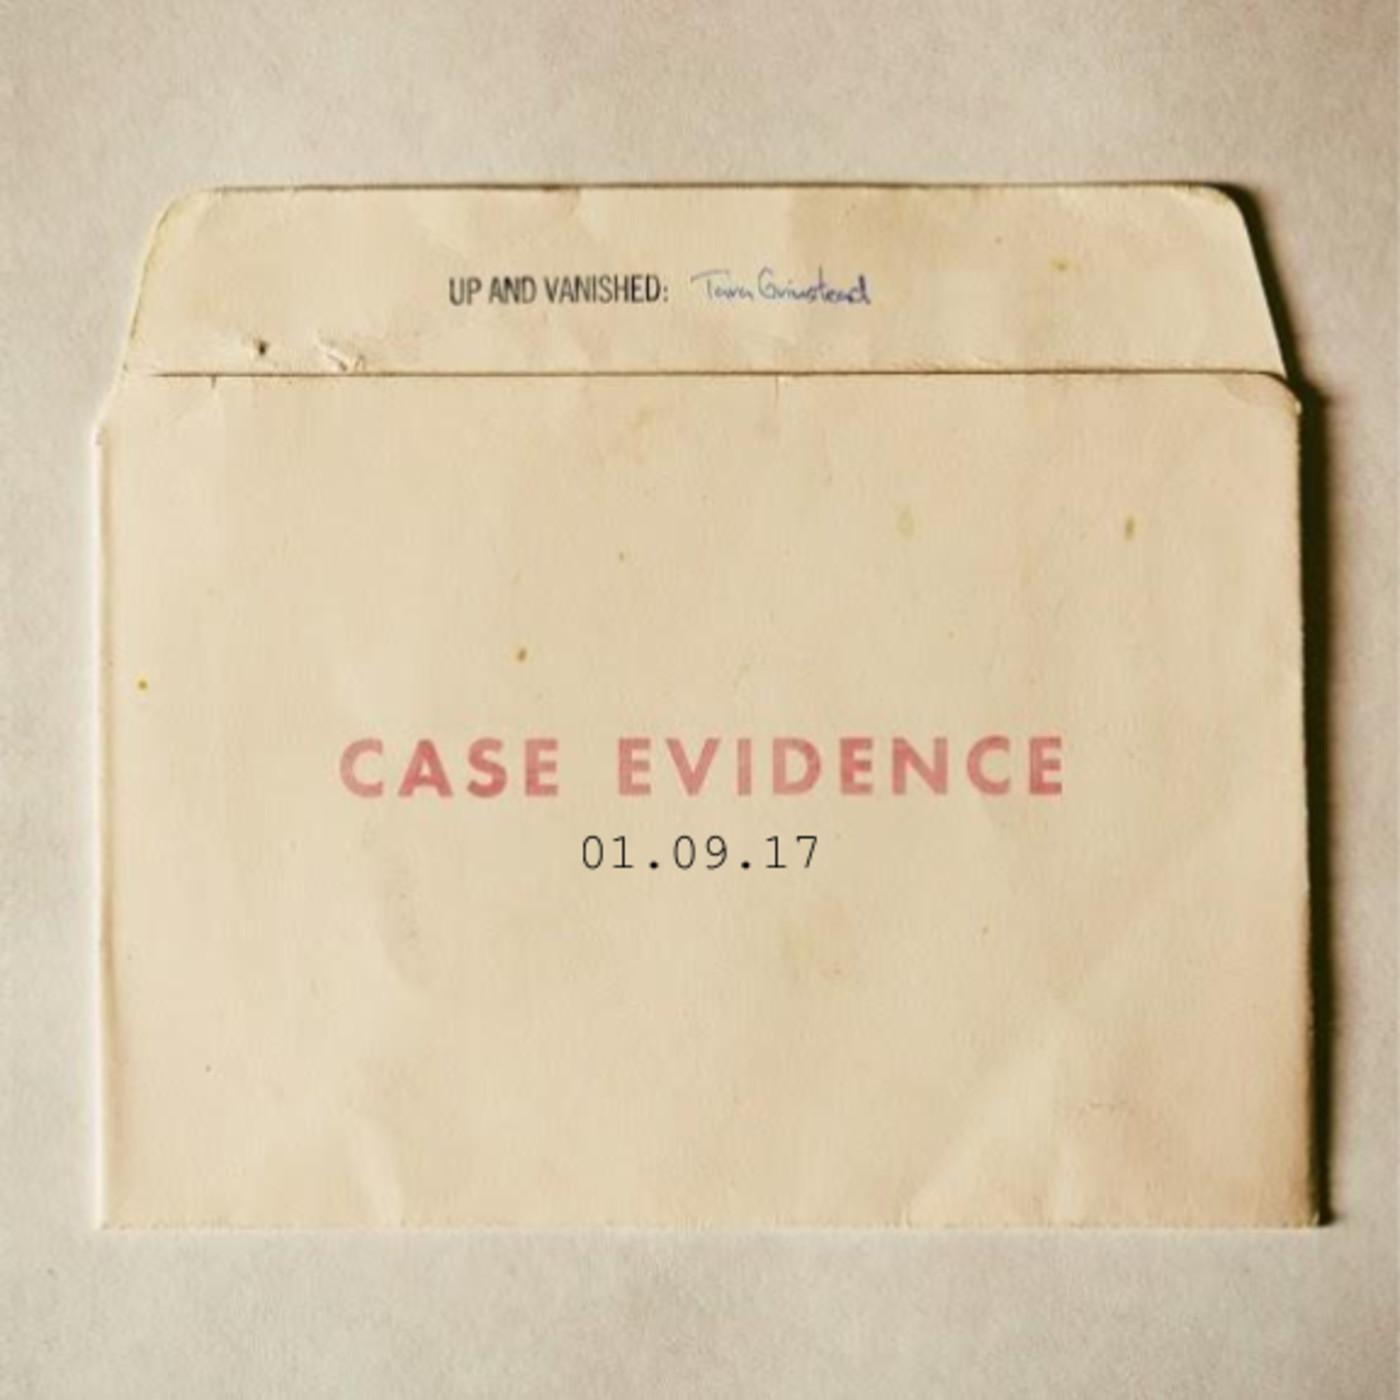 S1E : Case Evidence 01.09.17